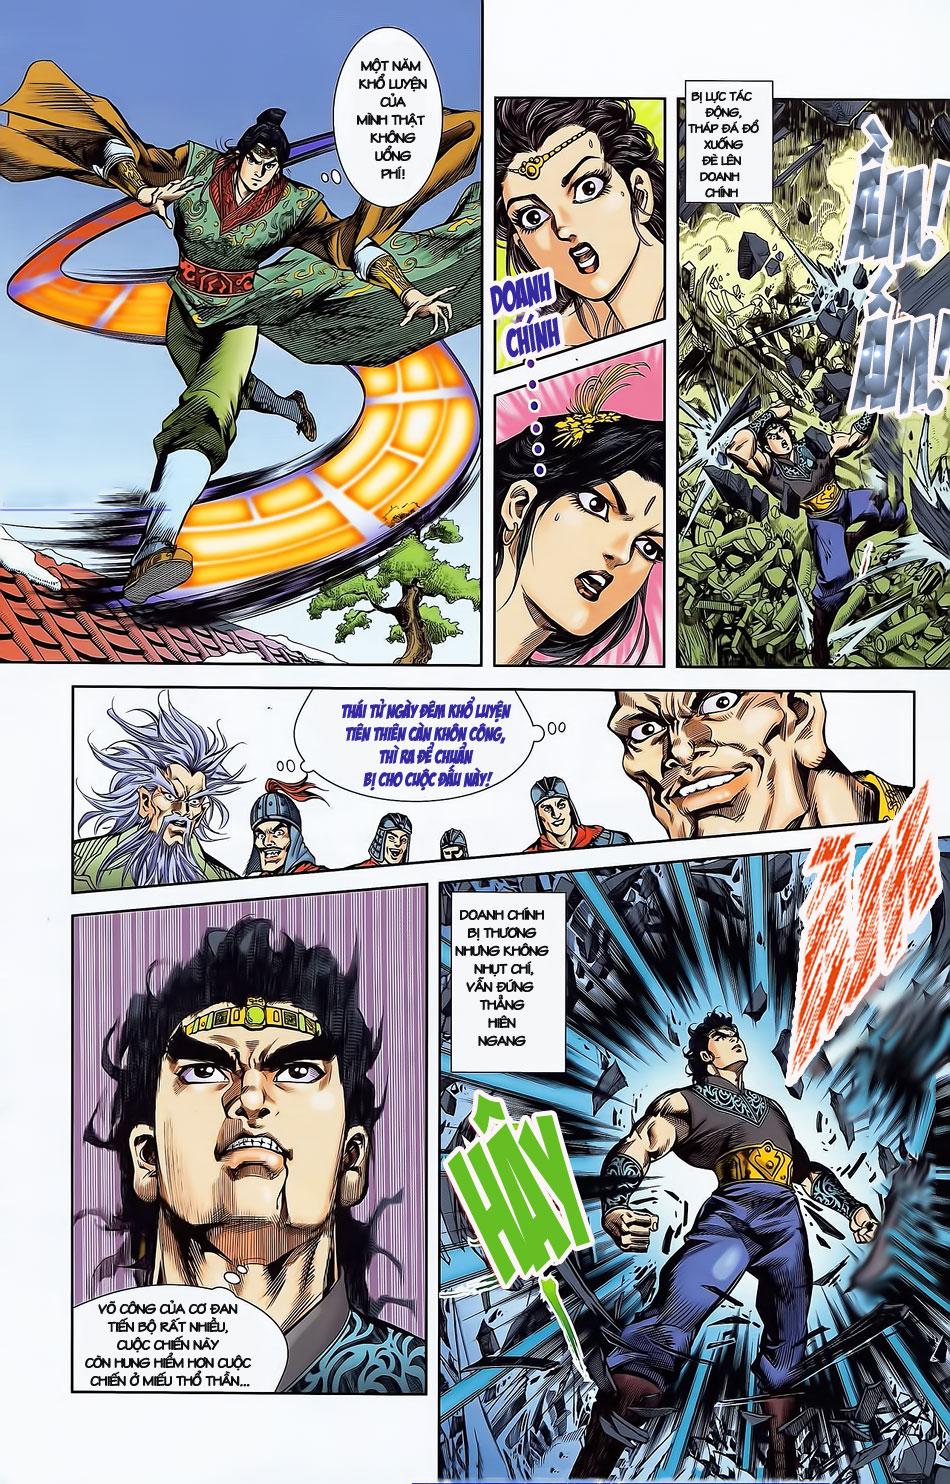 Tần Vương Doanh Chính chapter 2 trang 18